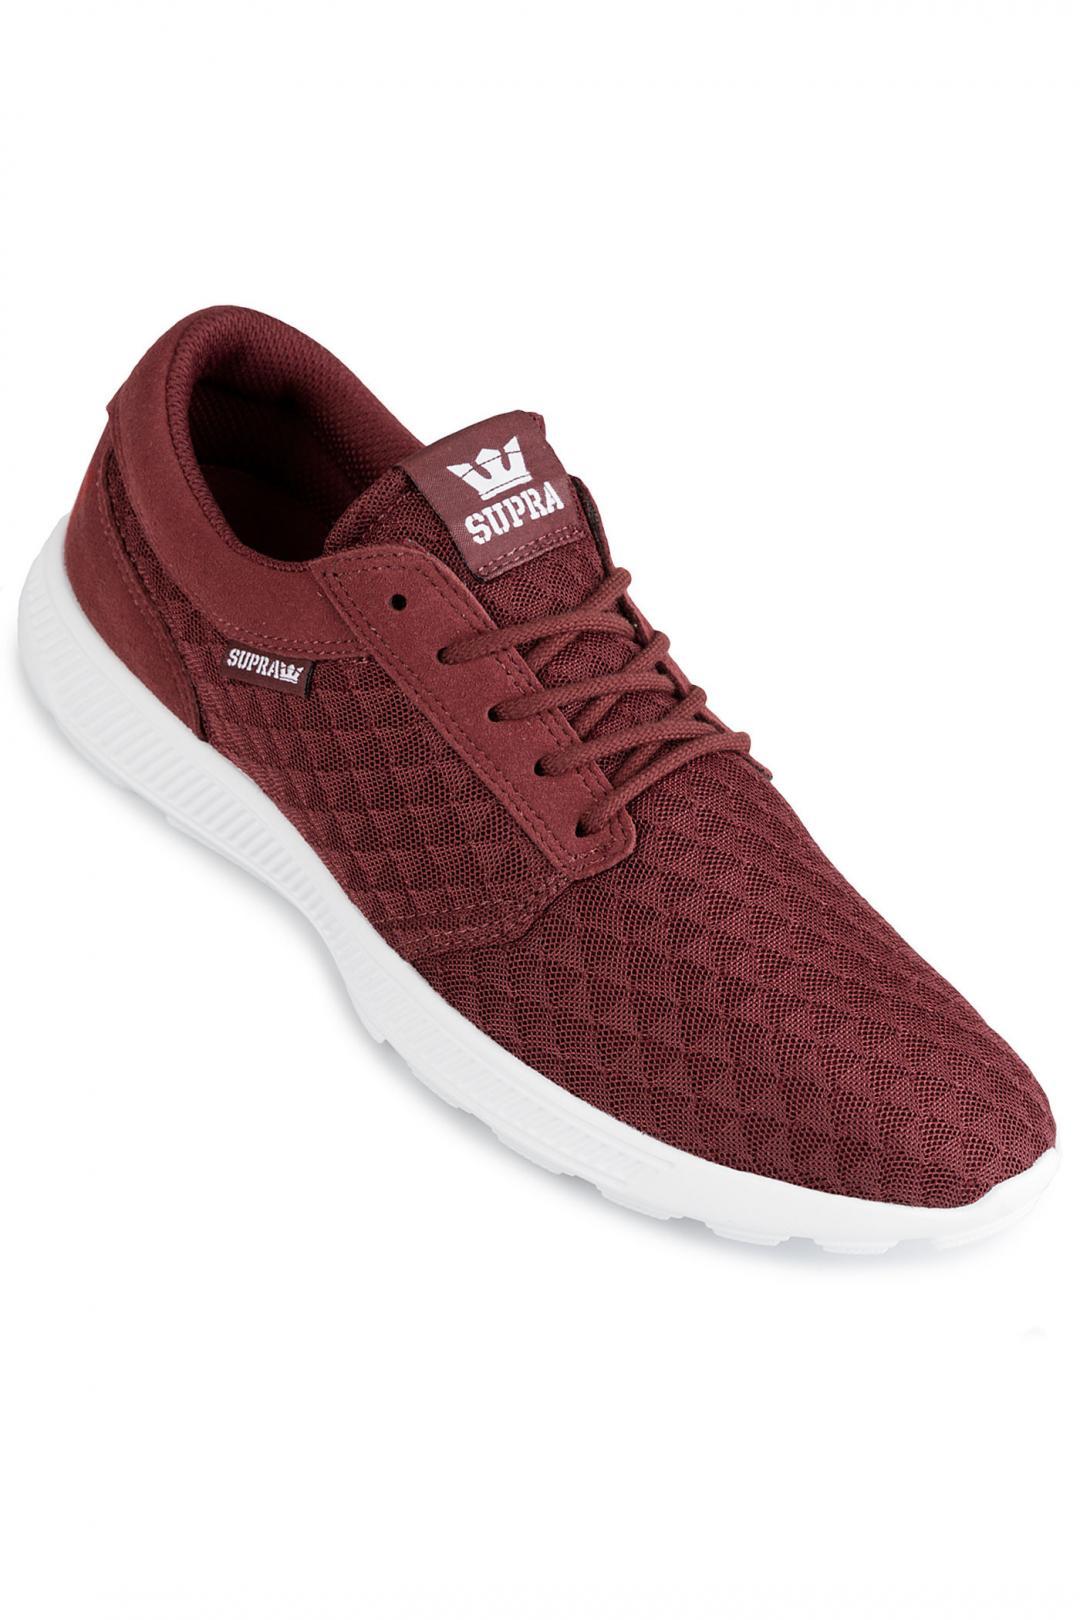 Uomo Supra Hammer Run andorra white | Sneakers low top